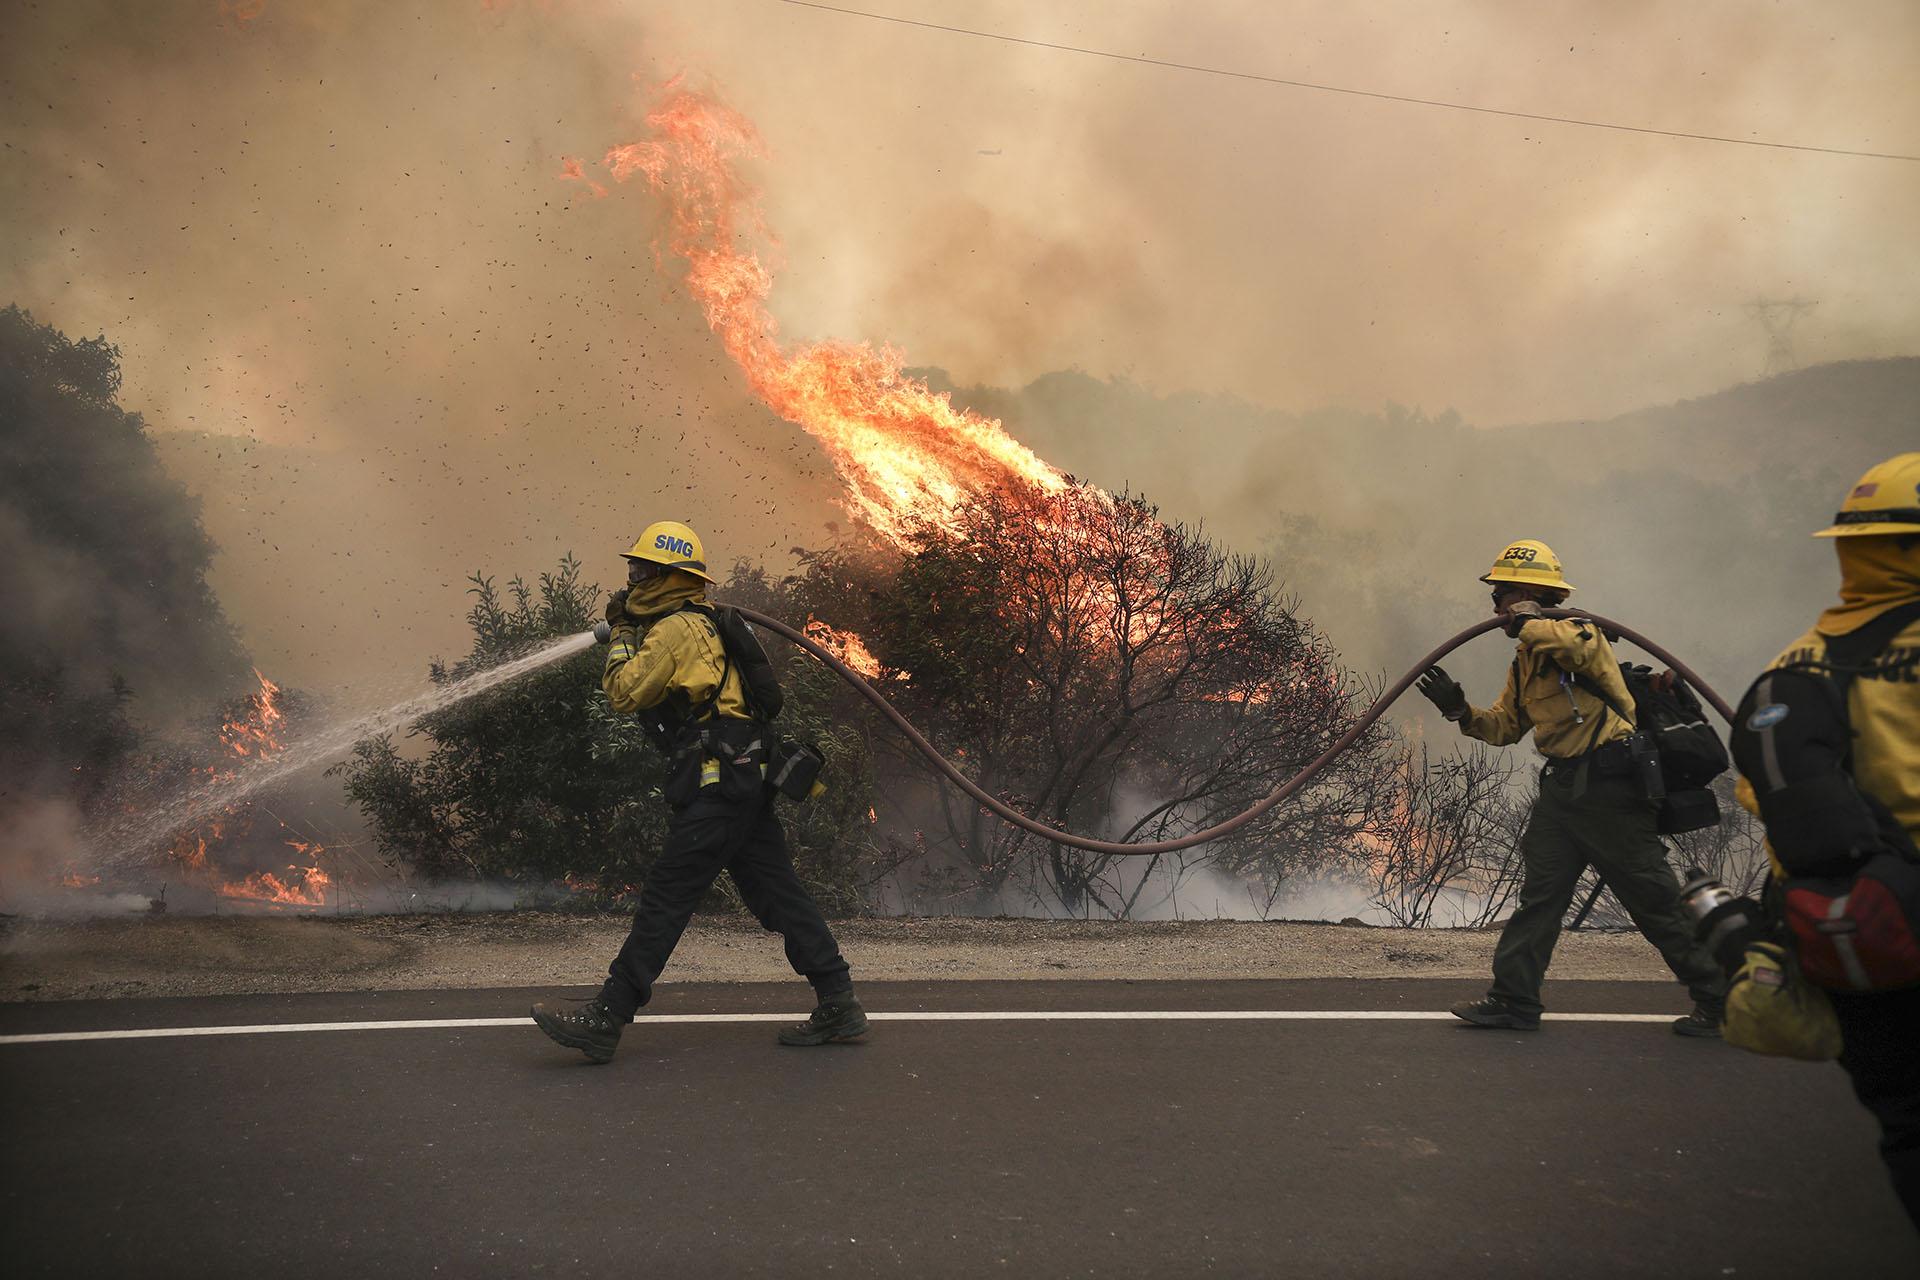 Esta nueva oleada de incendios se suma a la declarada el fin de semana del 15 y 16 de agosto, cuando se produjo en gran parte del estado una tormenta eléctrica nada habitual en California en la que cayeron 10.800 rayos, pero apenas lluvia, lo que unido a una ola de calor y a la sequedad del terreno, propició que se iniciasen miles de fuegos. (SANDY HUFFAKER / AFP)